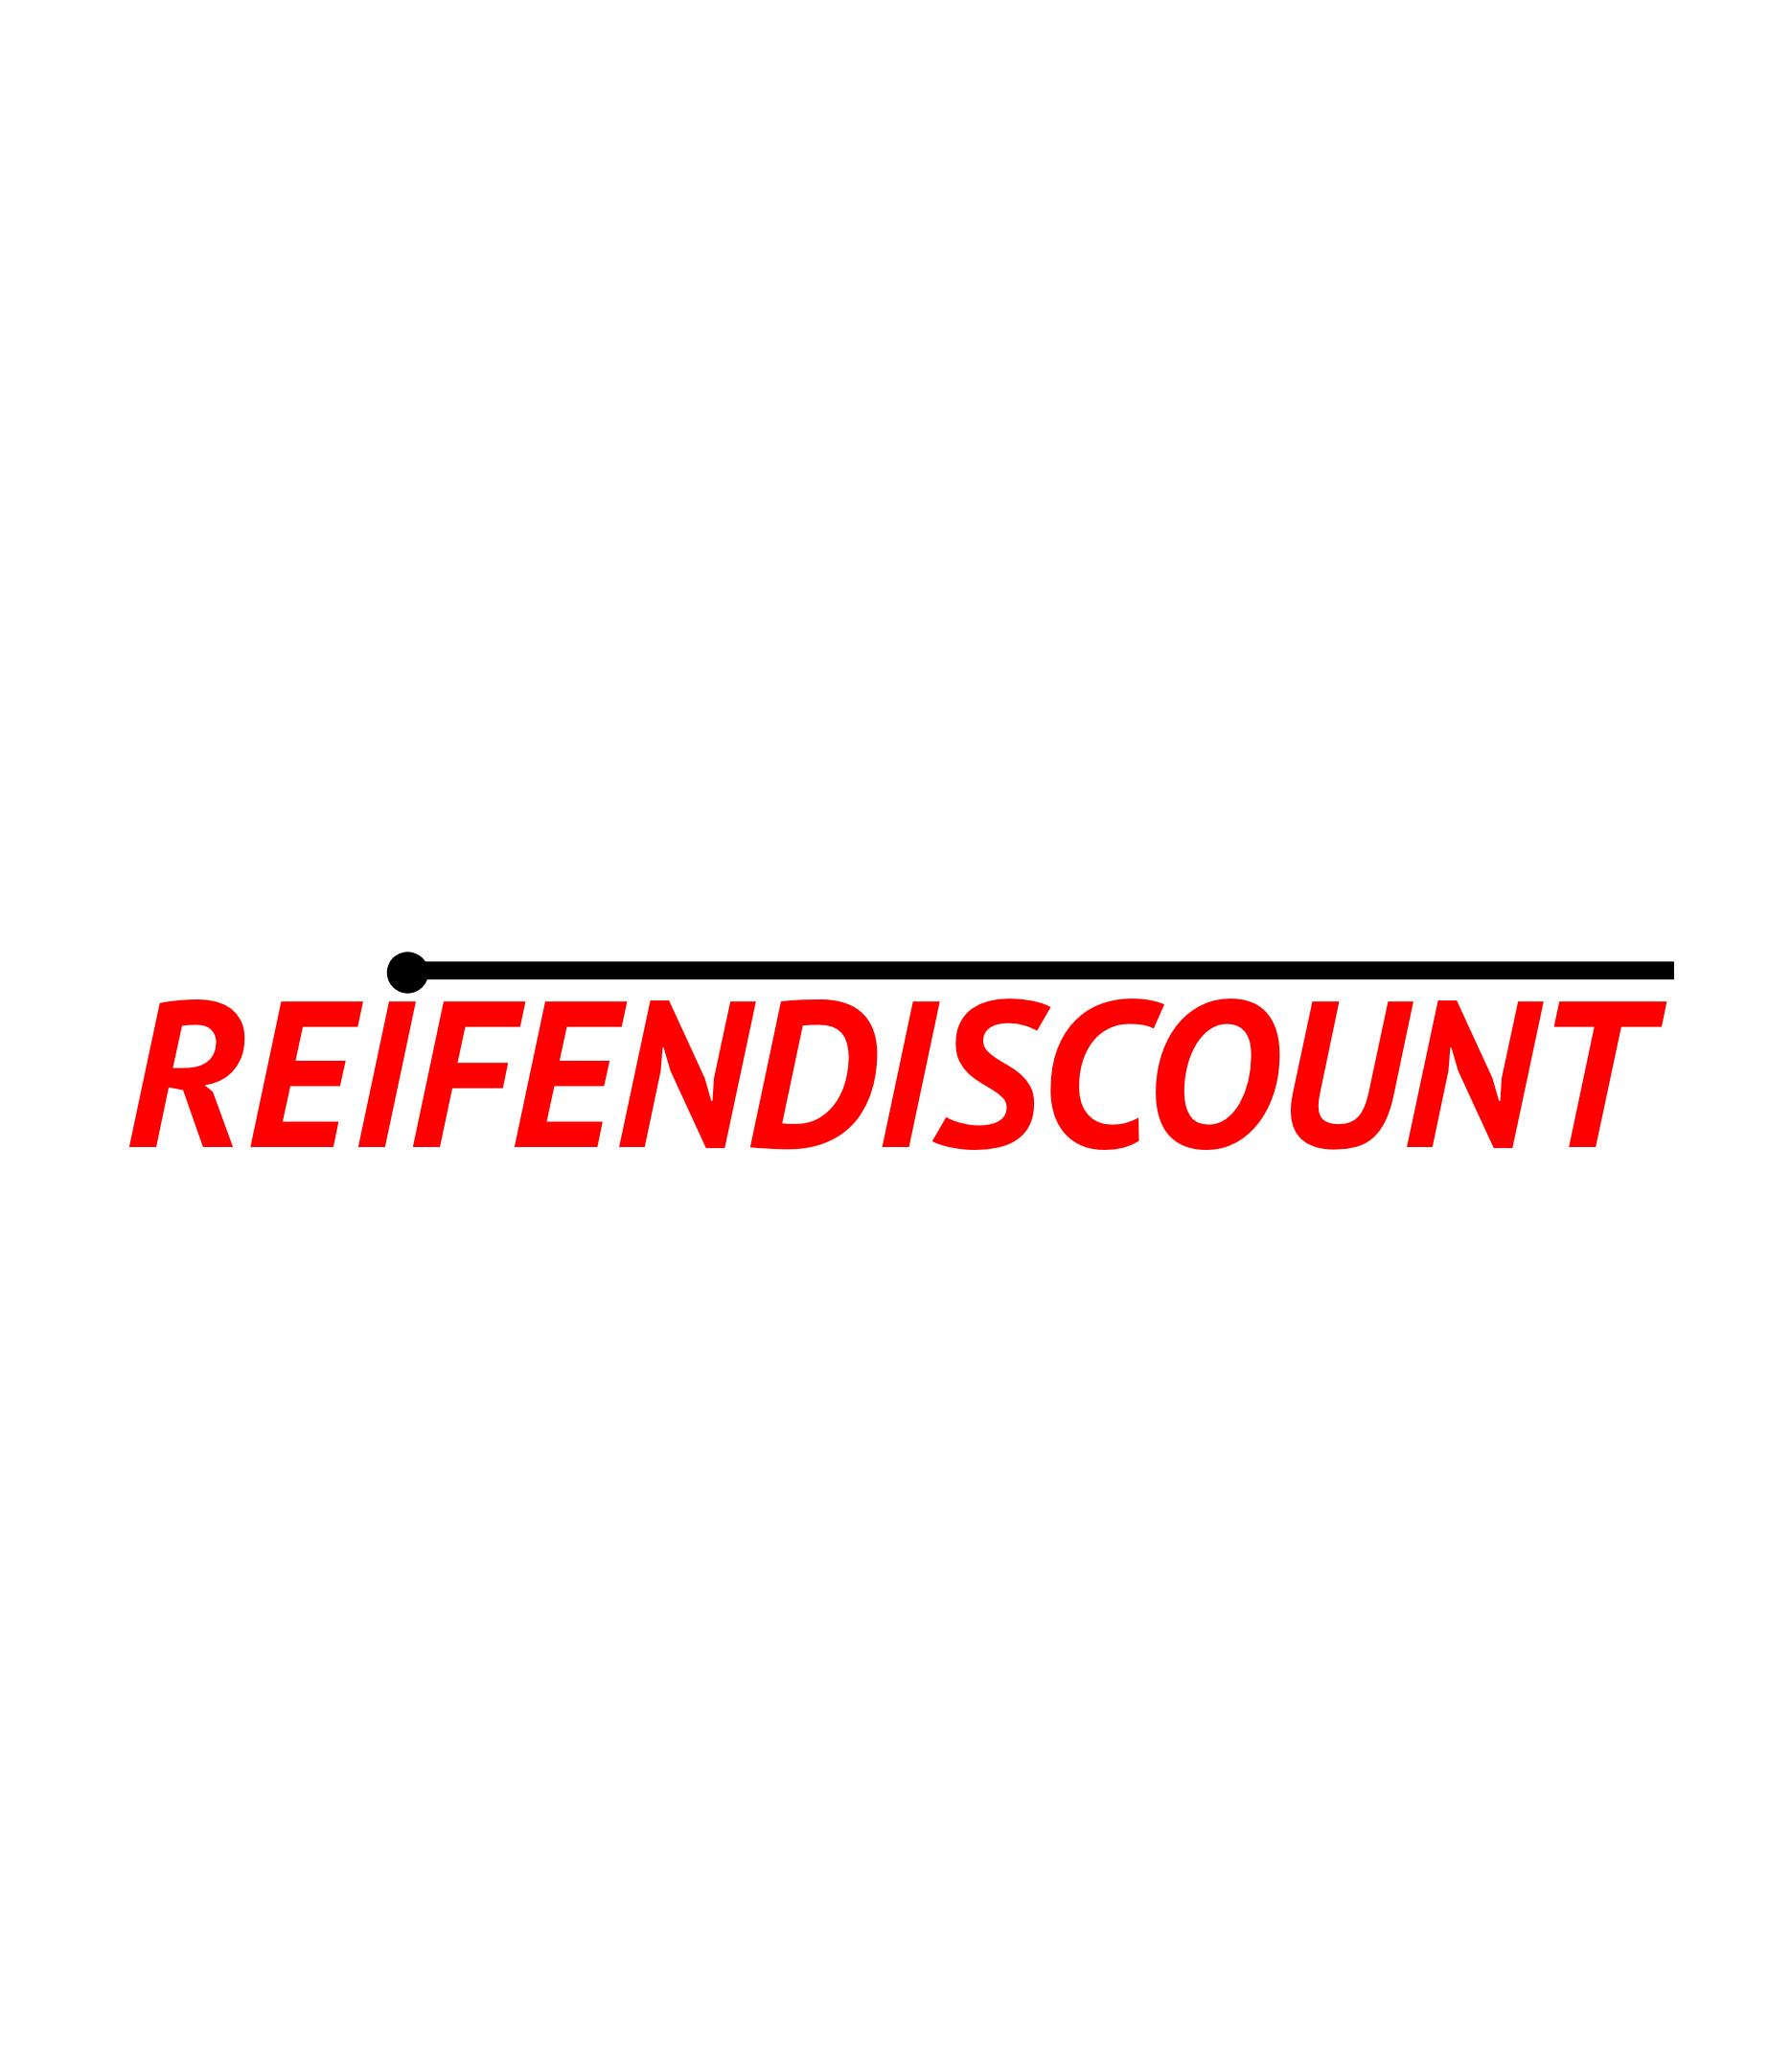 Reifendiscount